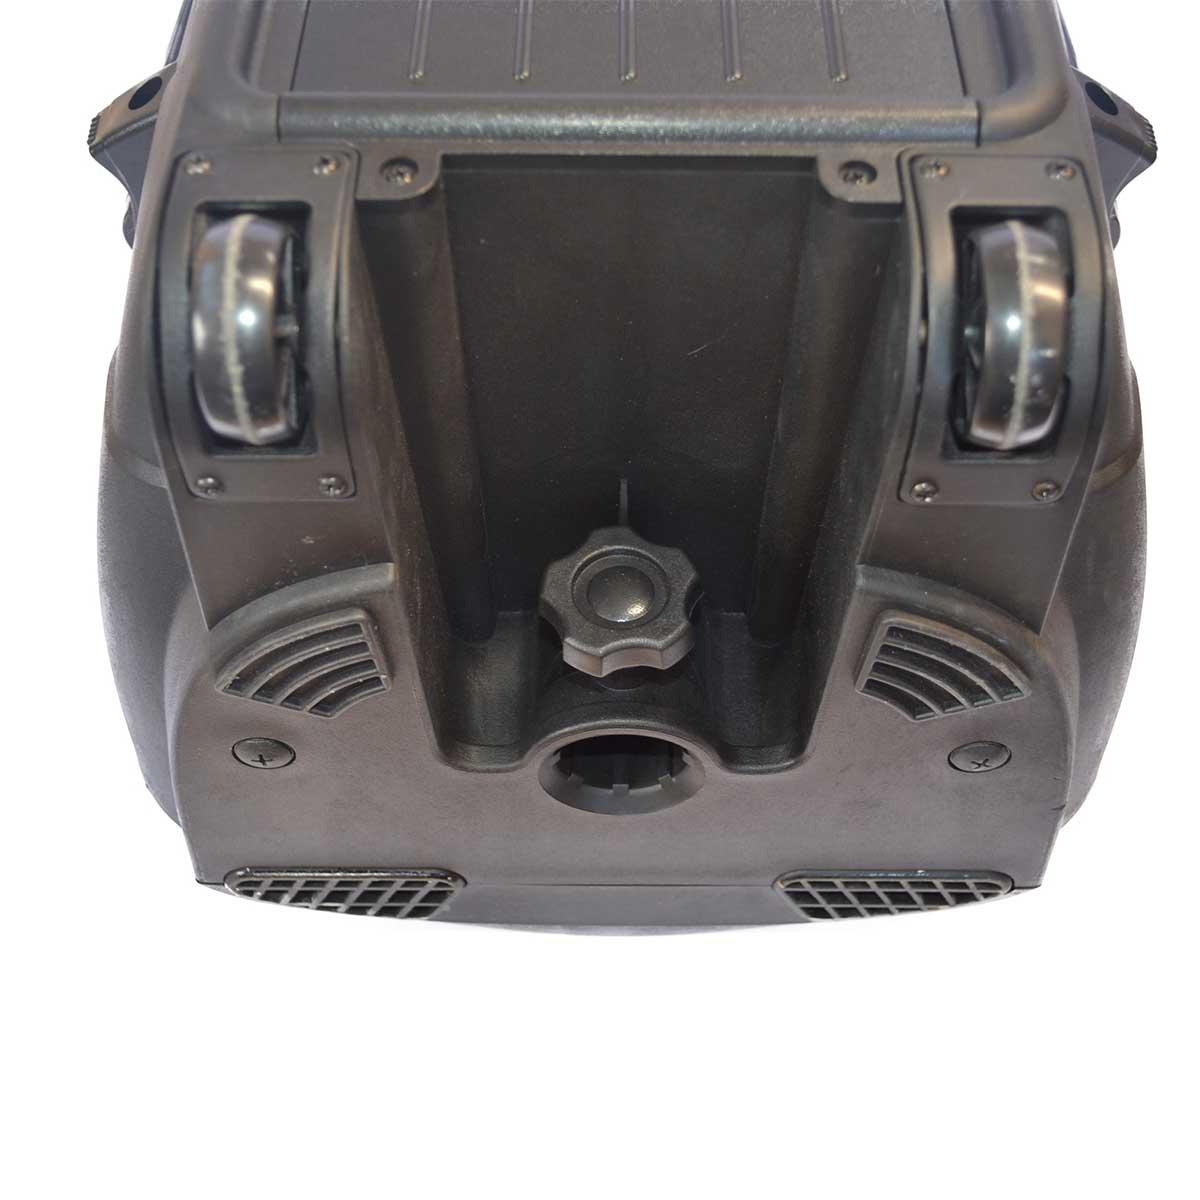 LT1512V - Caixa Portátil c/ Bateria, Bluetooth e USB 200W LT 15 12V - Leacs